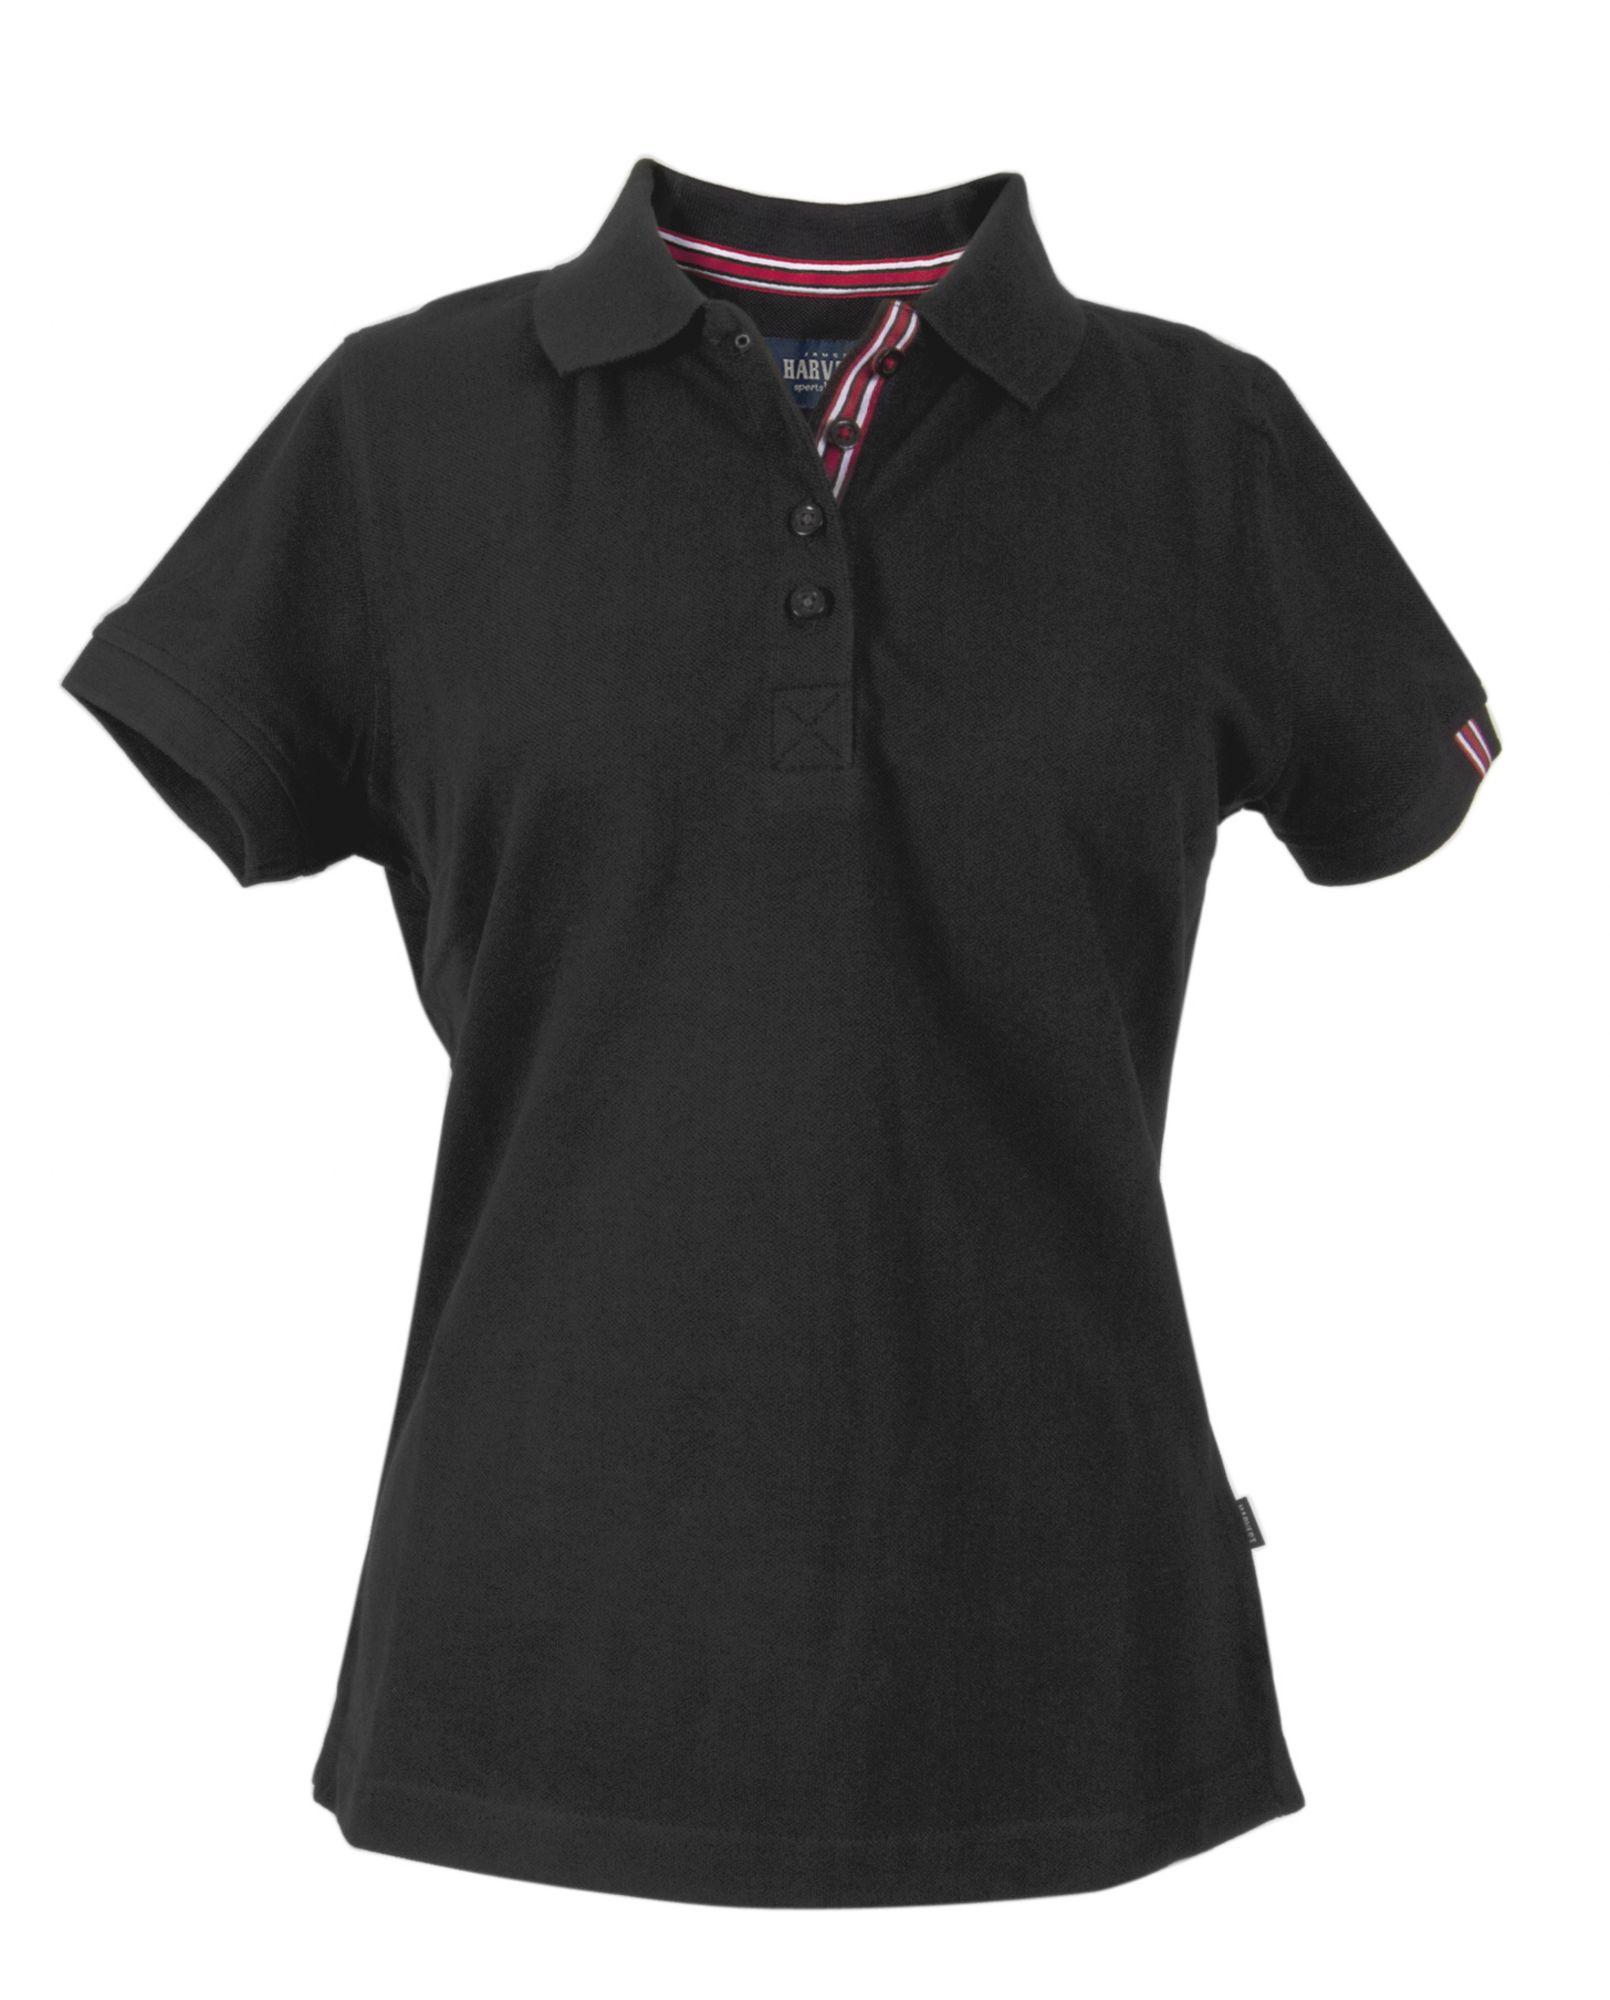 Рубашка поло женская AVON LADIES, черная